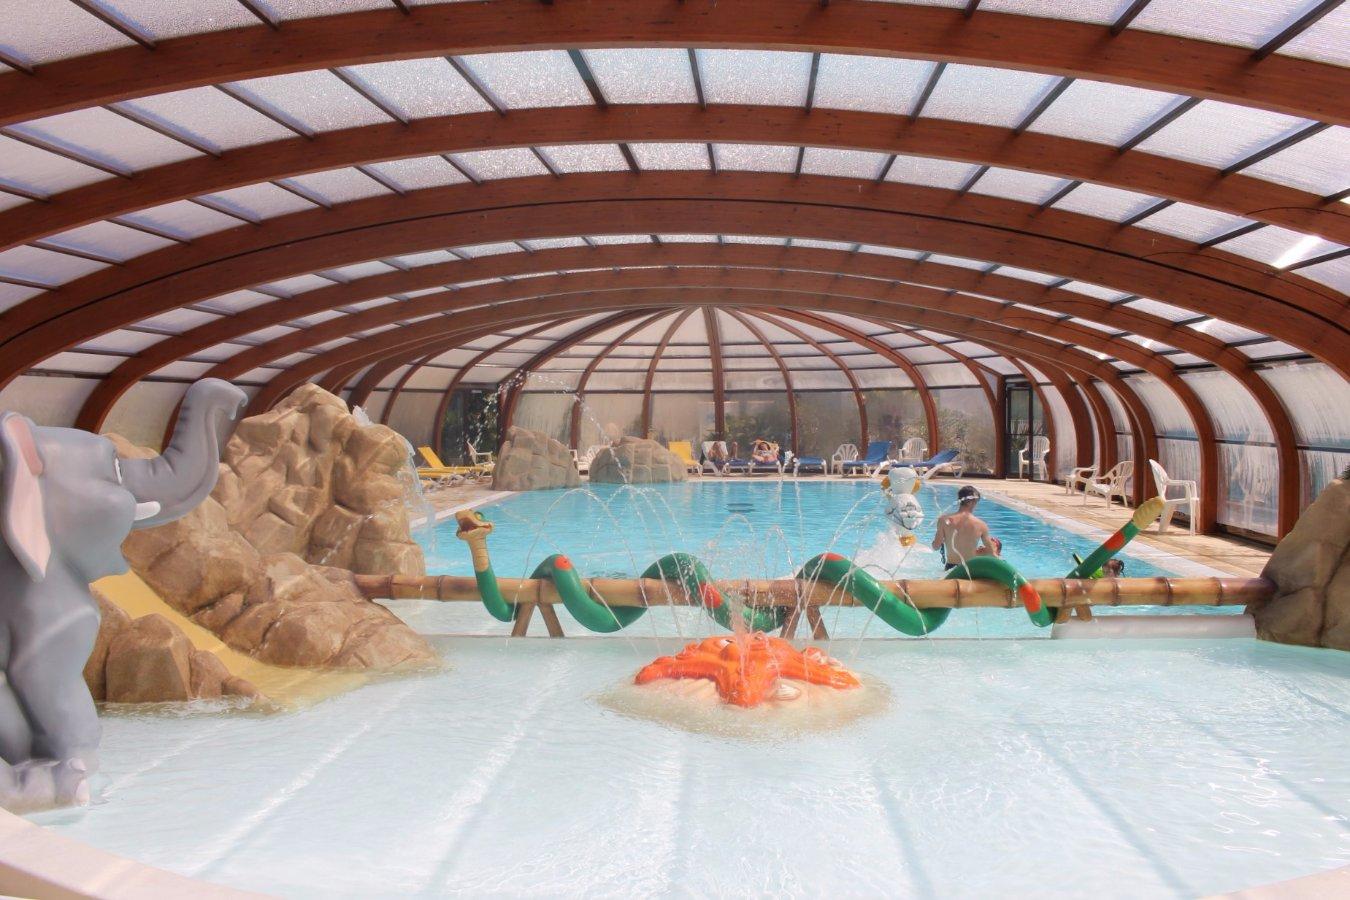 Camping Ile De Ré Espace Aquatique - ᐃ La Grainetiere ... encequiconcerne Camping Ile De Ré Avec Piscine Couverte